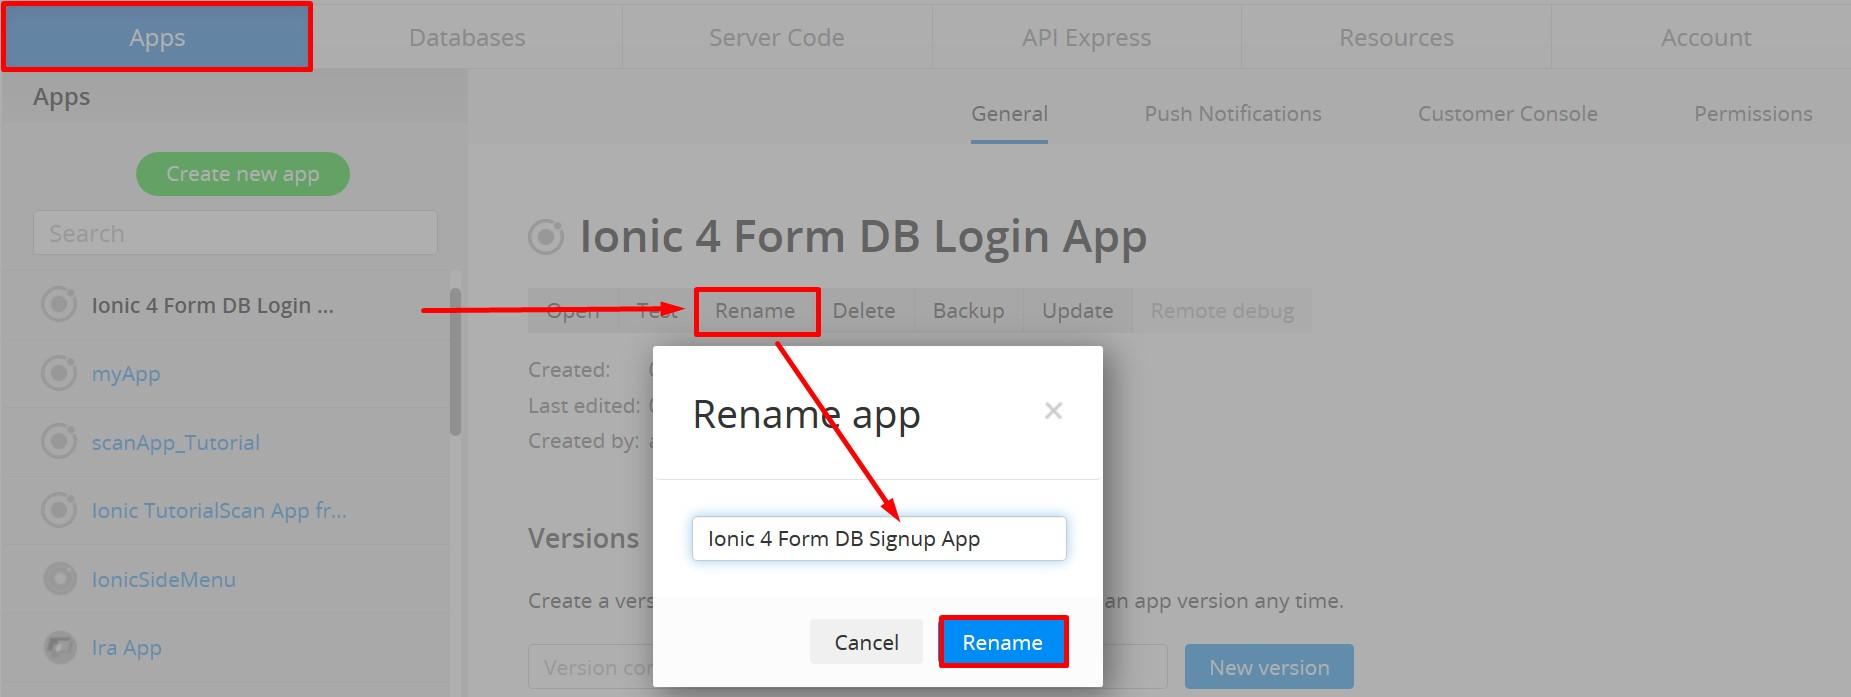 Renaming App